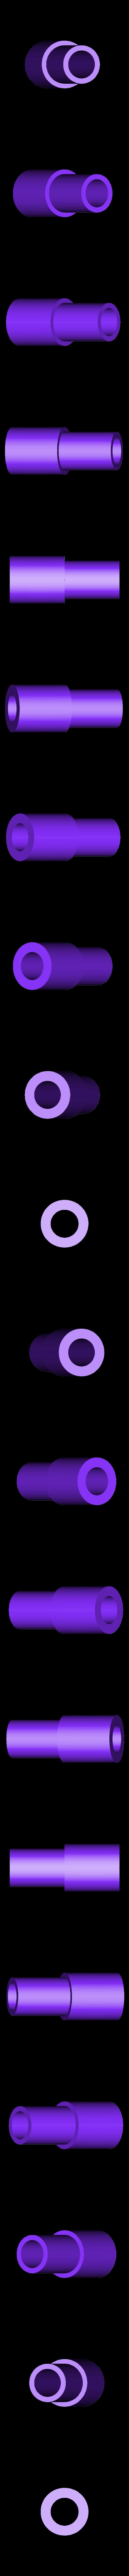 Inflator.stl Télécharger fichier STL gratuit Adaptateur pour compresseur d'air de piscine gonflable Flamingo • Plan à imprimer en 3D, cwizardtx